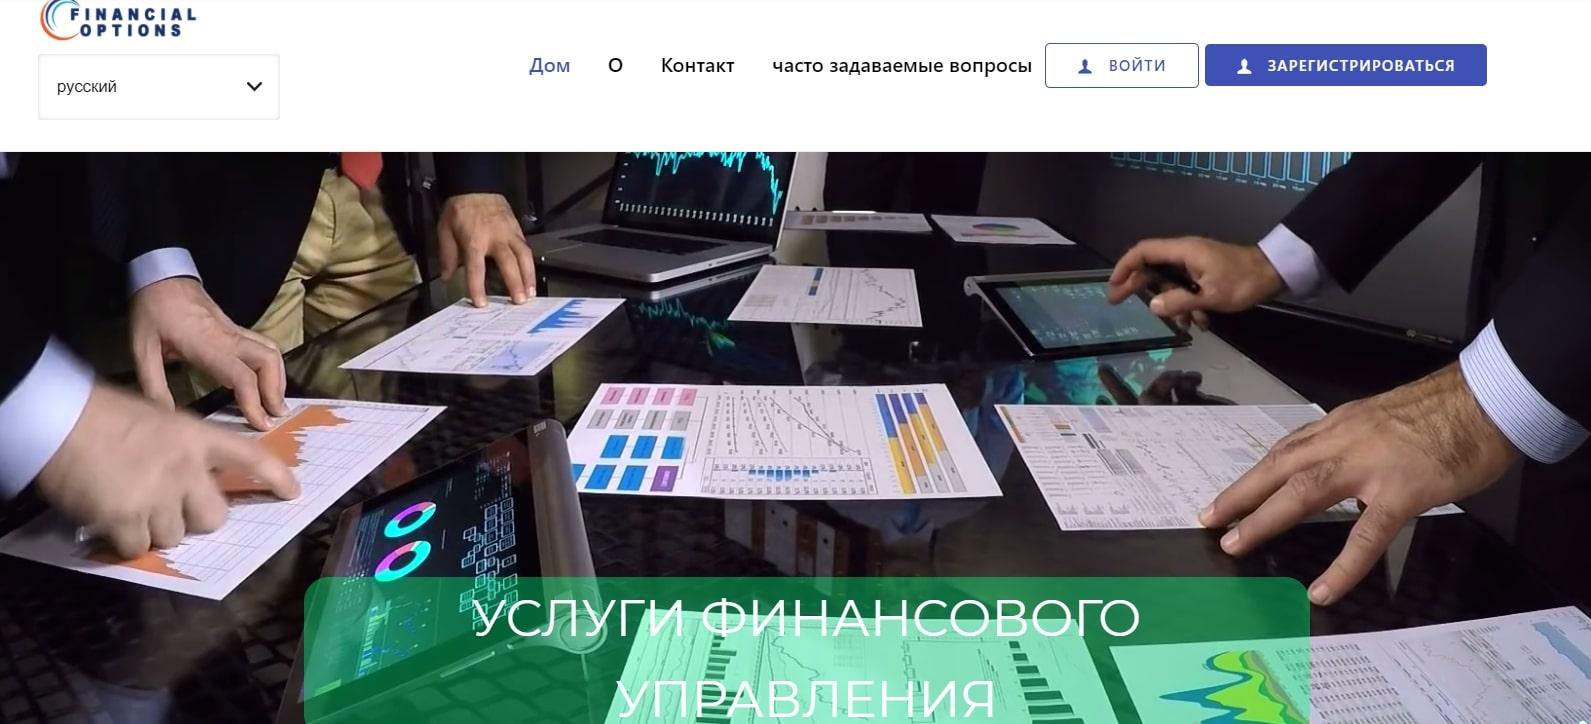 Financial Options: отзывы инвесторов о сотрудничестве и экспертный обзор условий реальные отзывы